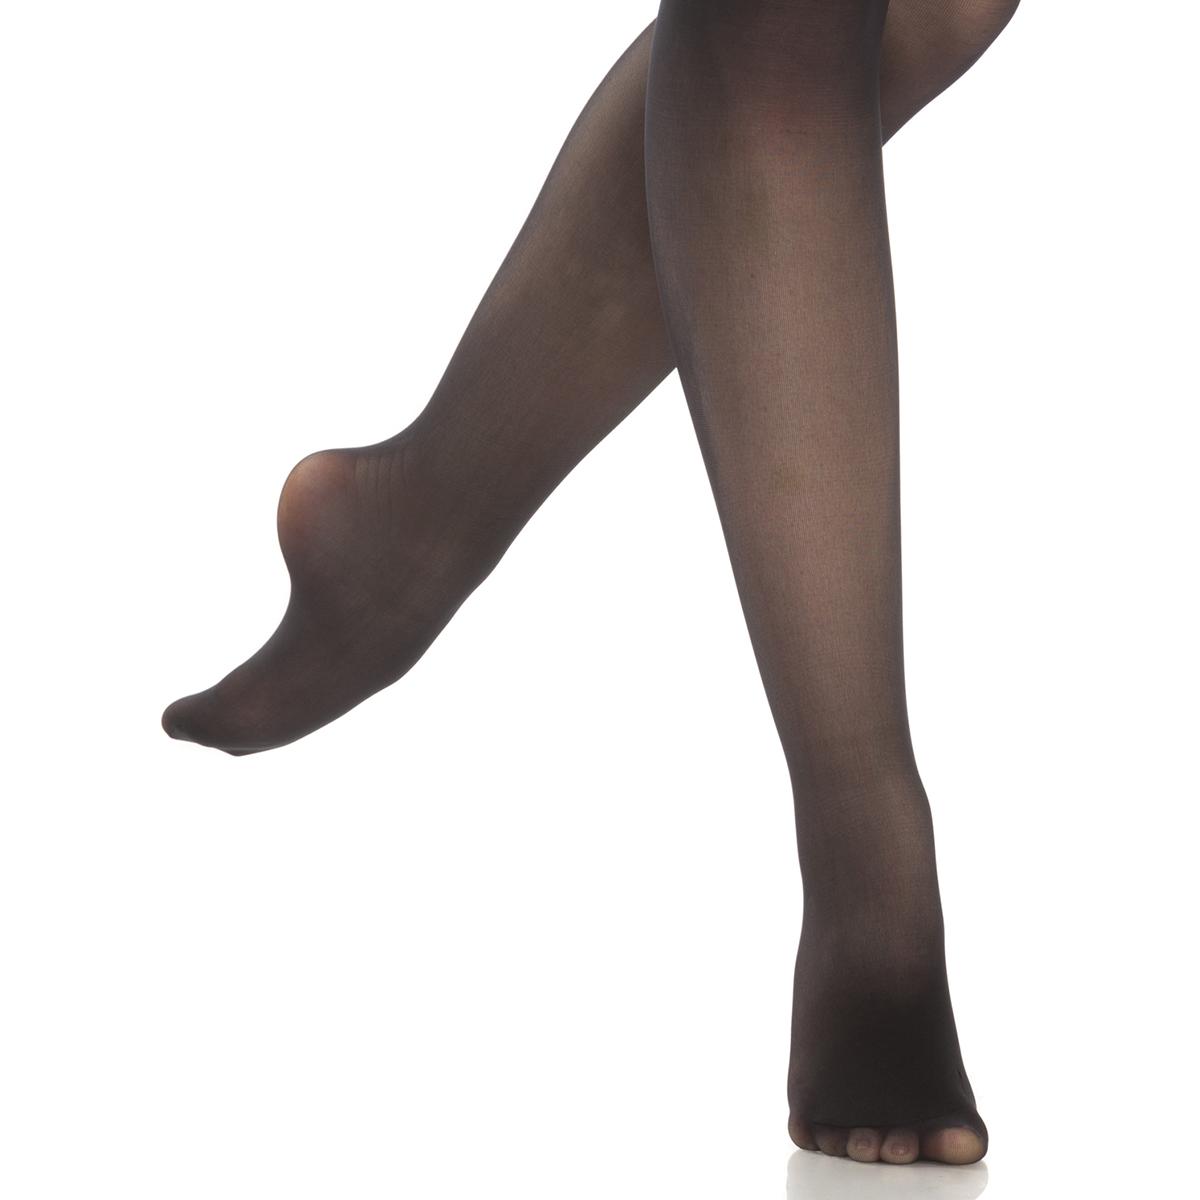 Energetiks Sheer Dance Pantyhose